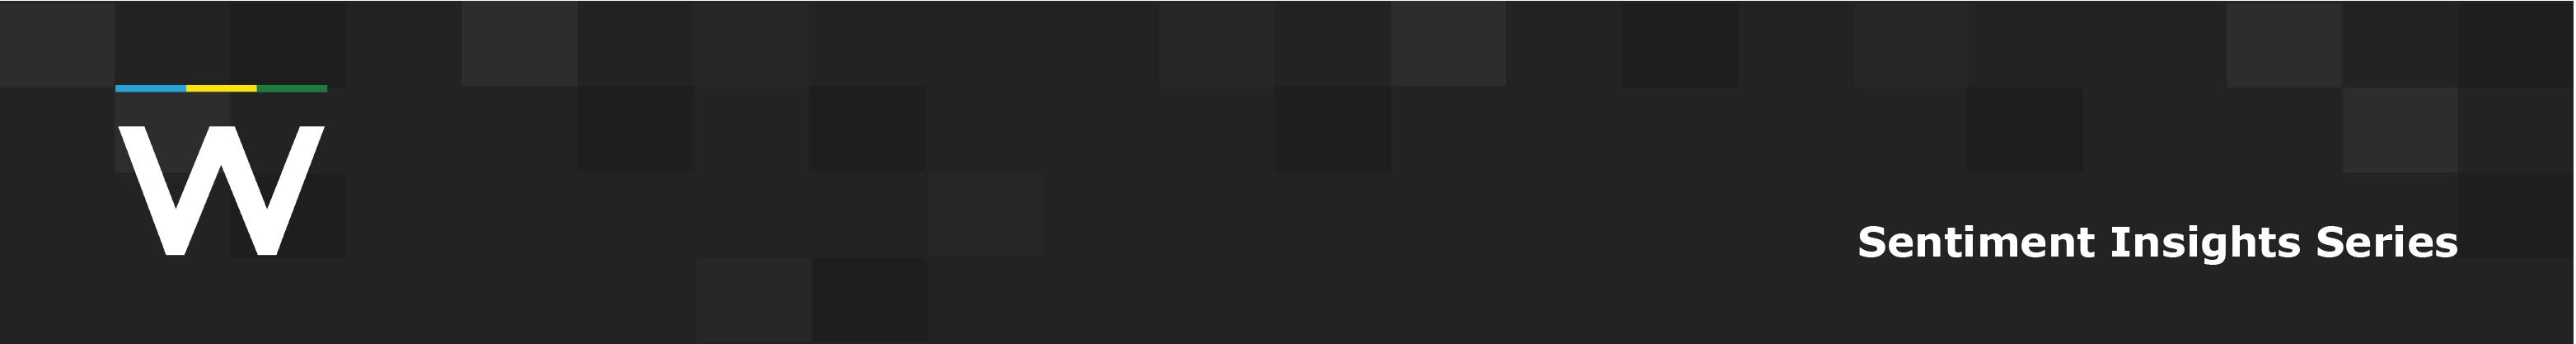 WMG W Black Pixels - Sentiment Series Landing Page